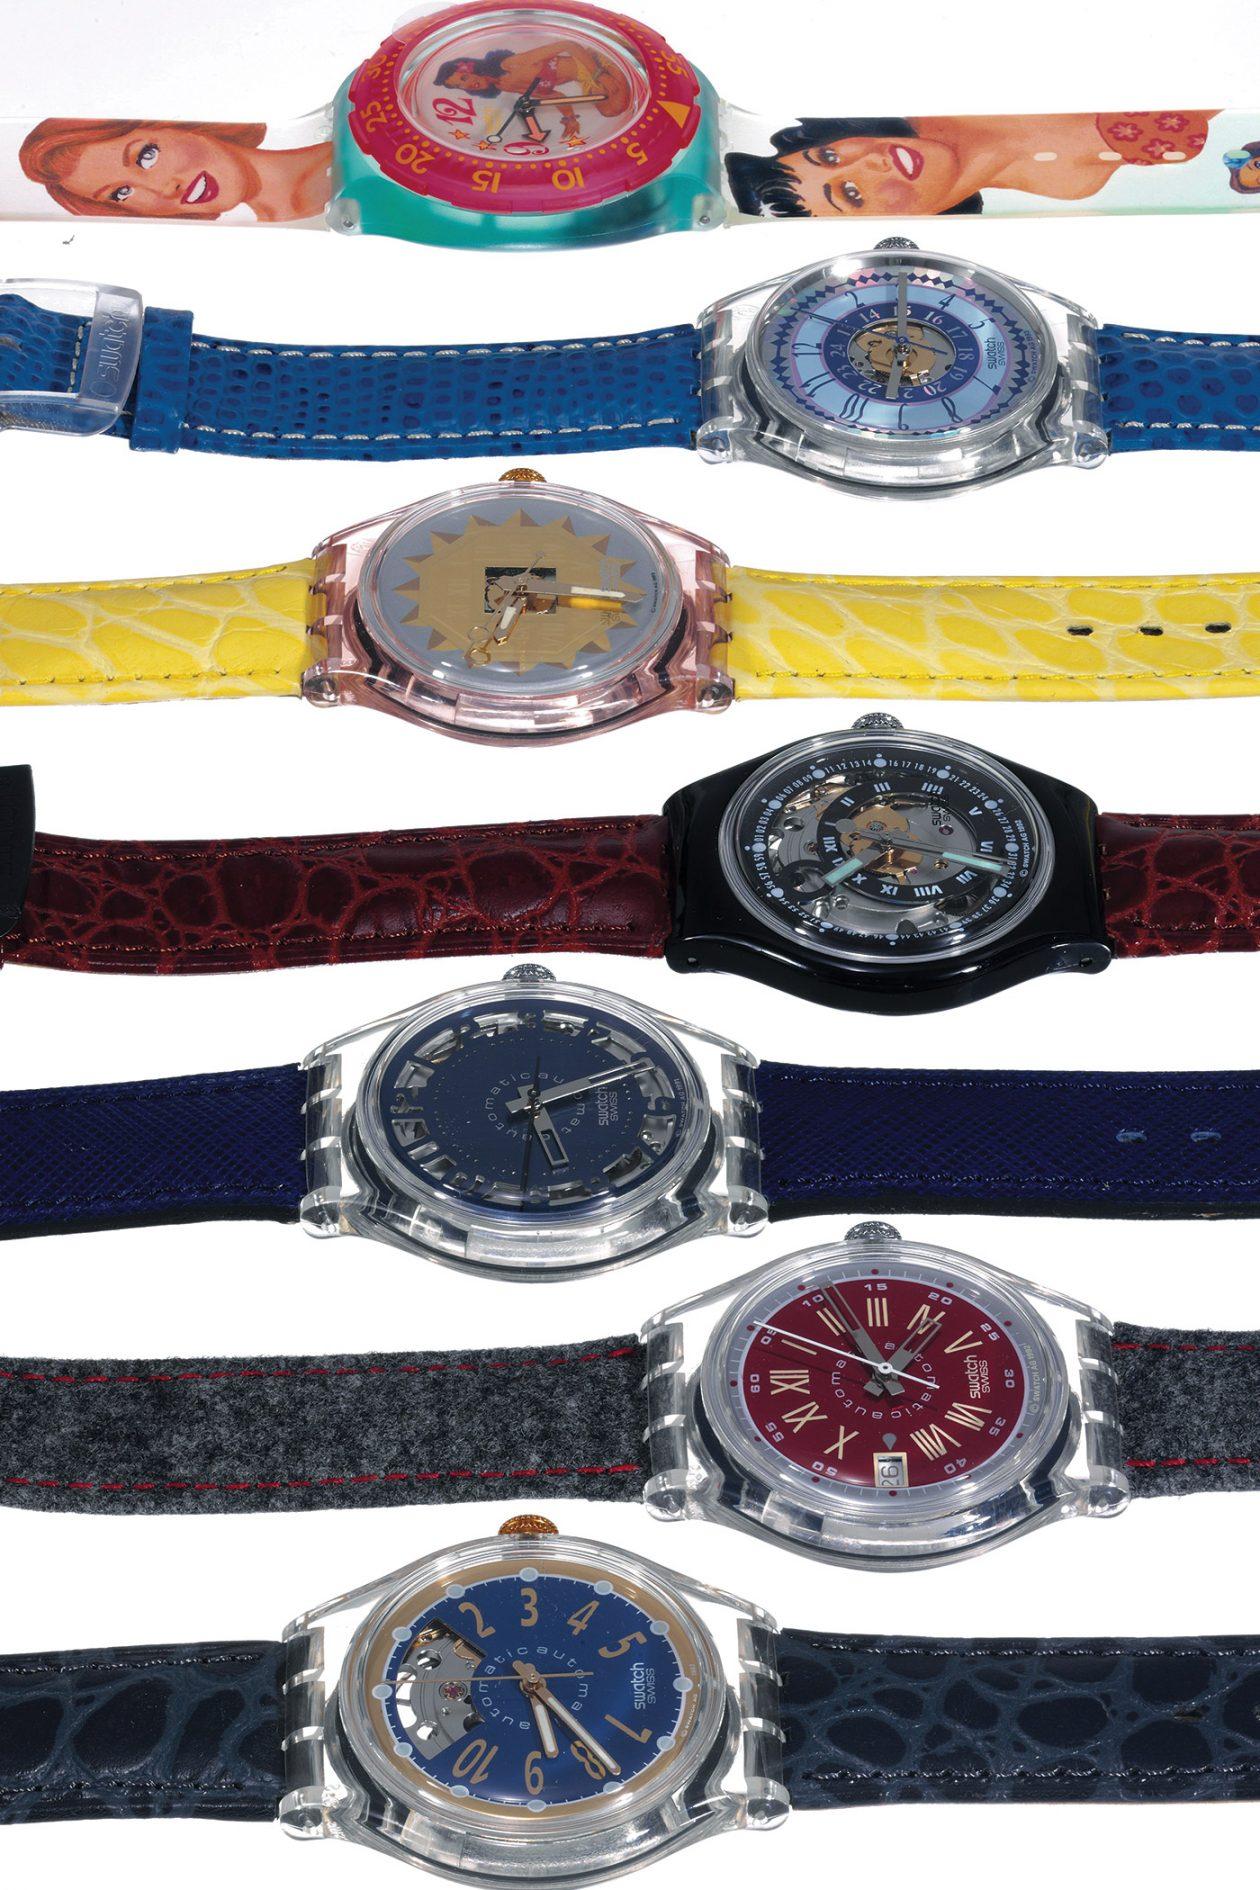 Kolekcja zegarków Swatch / foto: Antiquorum